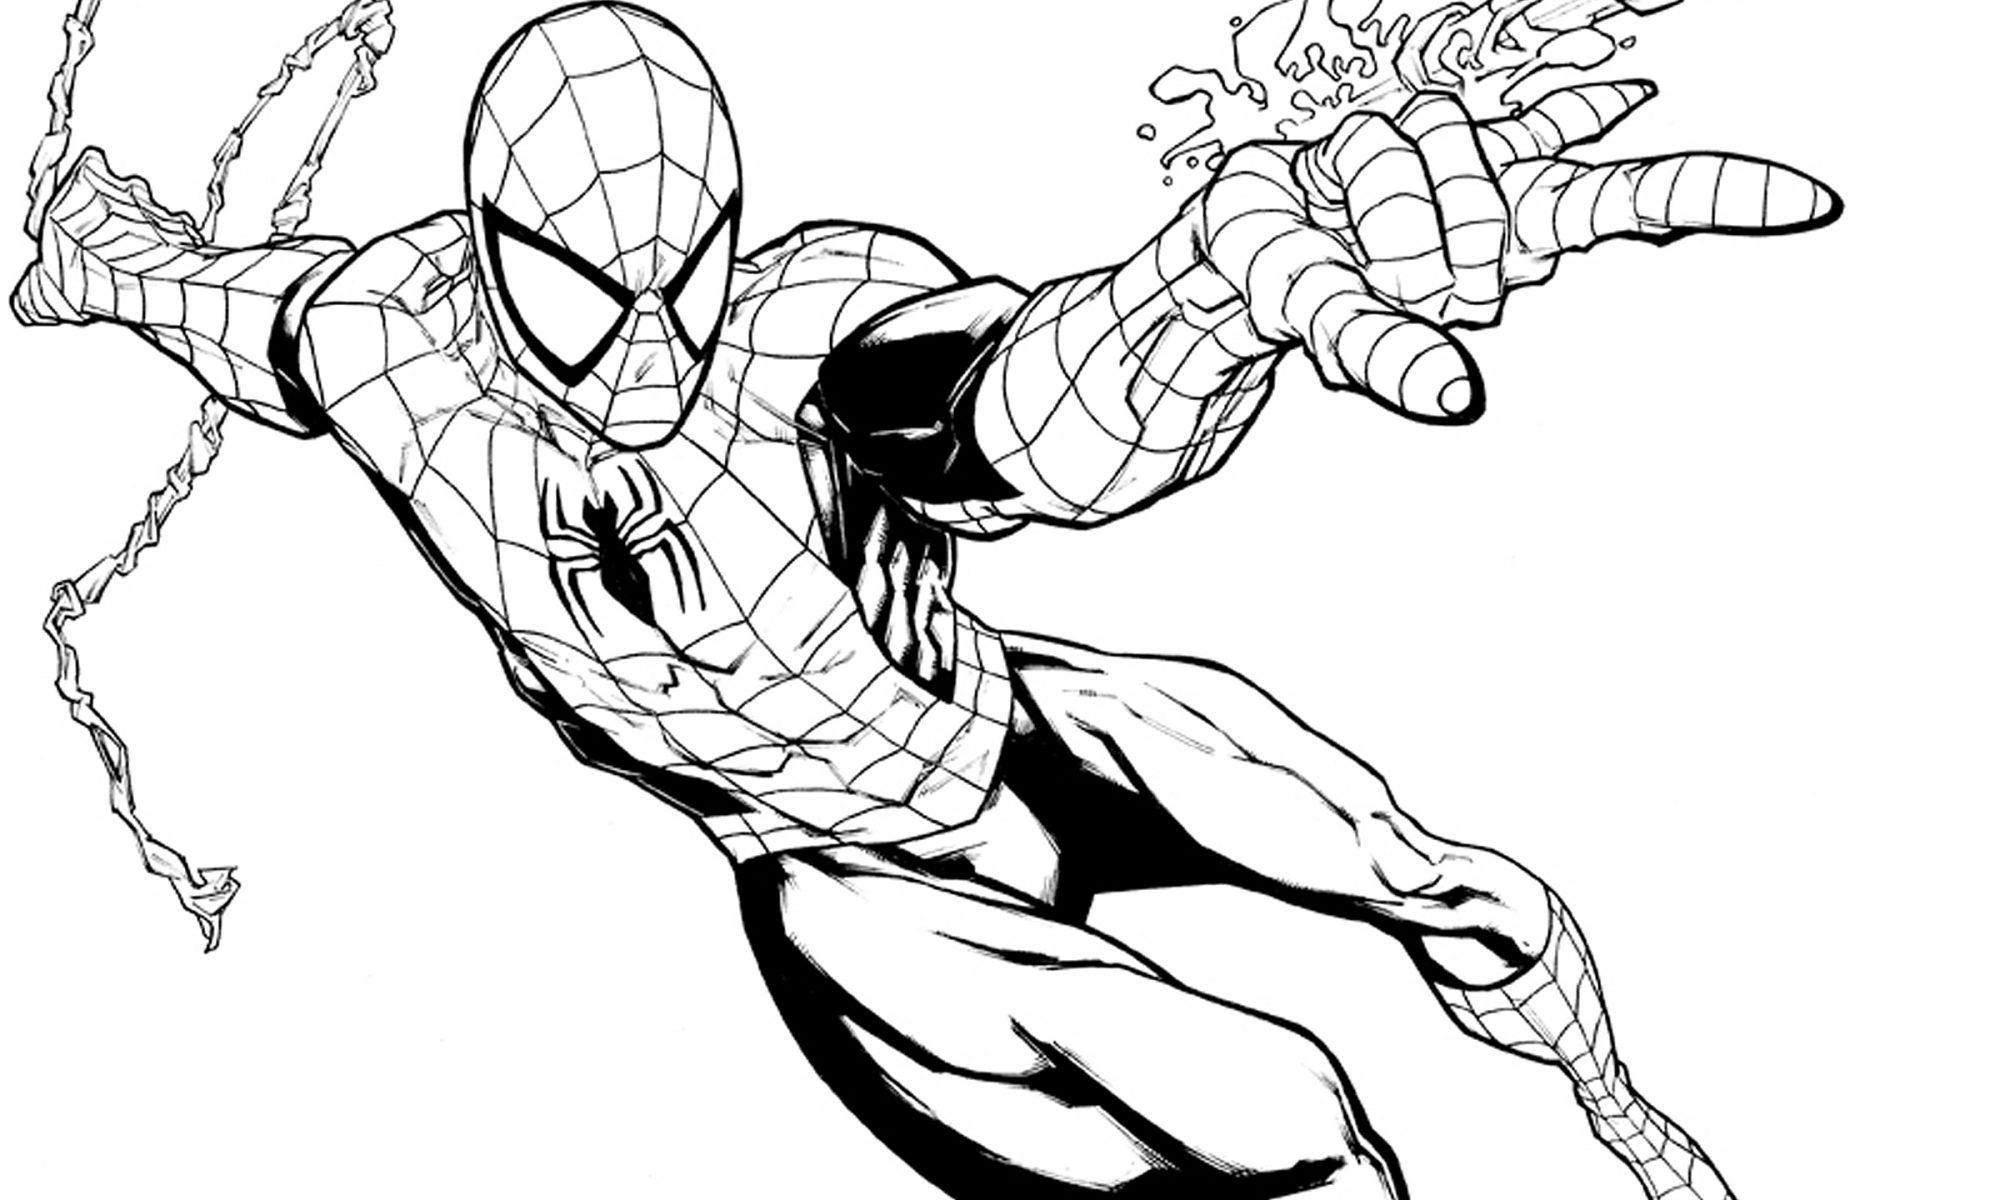 Dibujos De Spiderman Para Coloreare Coloriage Super Heros Coloriage Spiderman A Imprimer Coloriage Spiderman